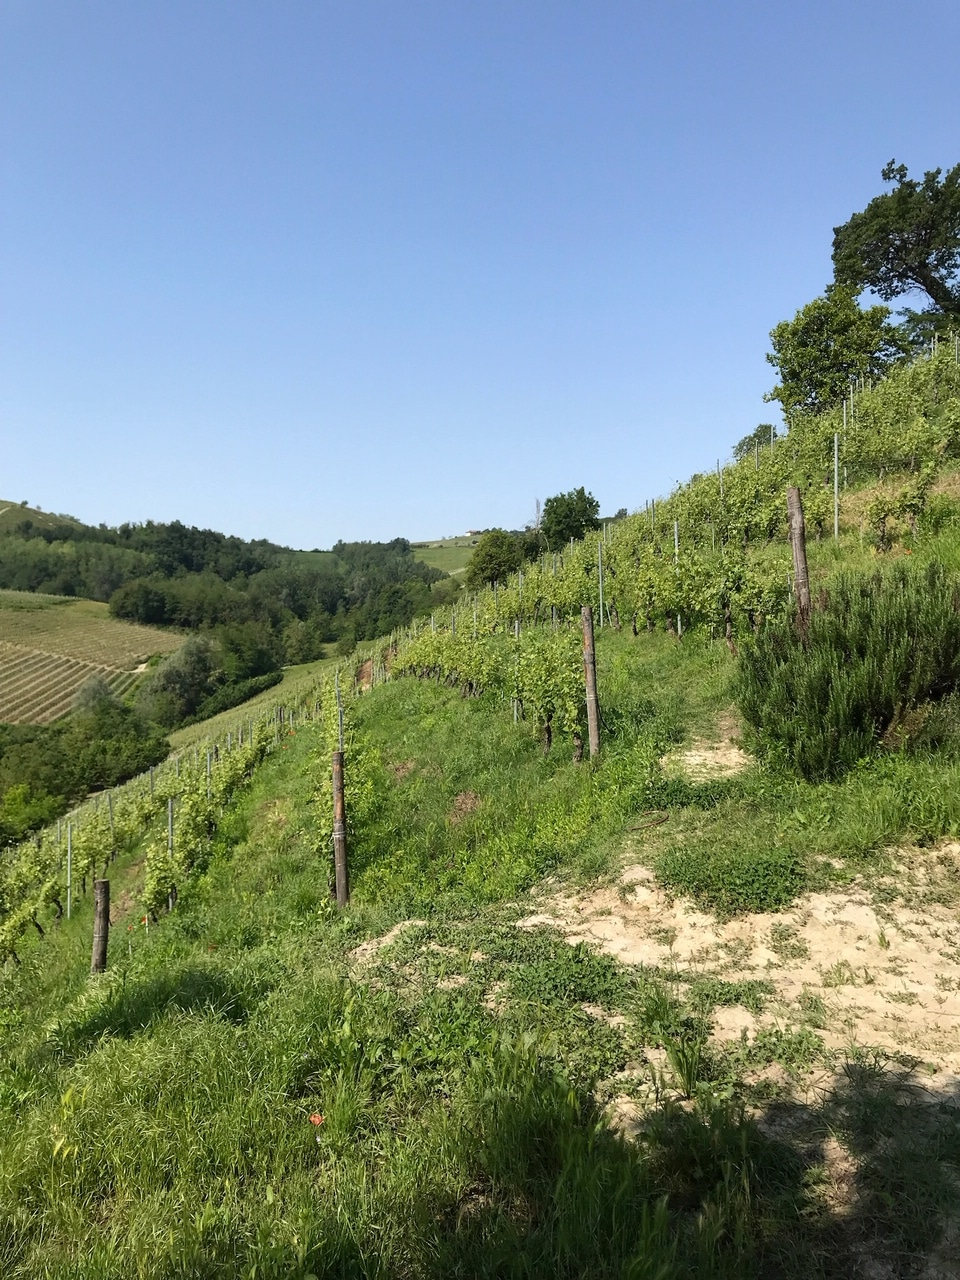 vignoble de barolo en italie